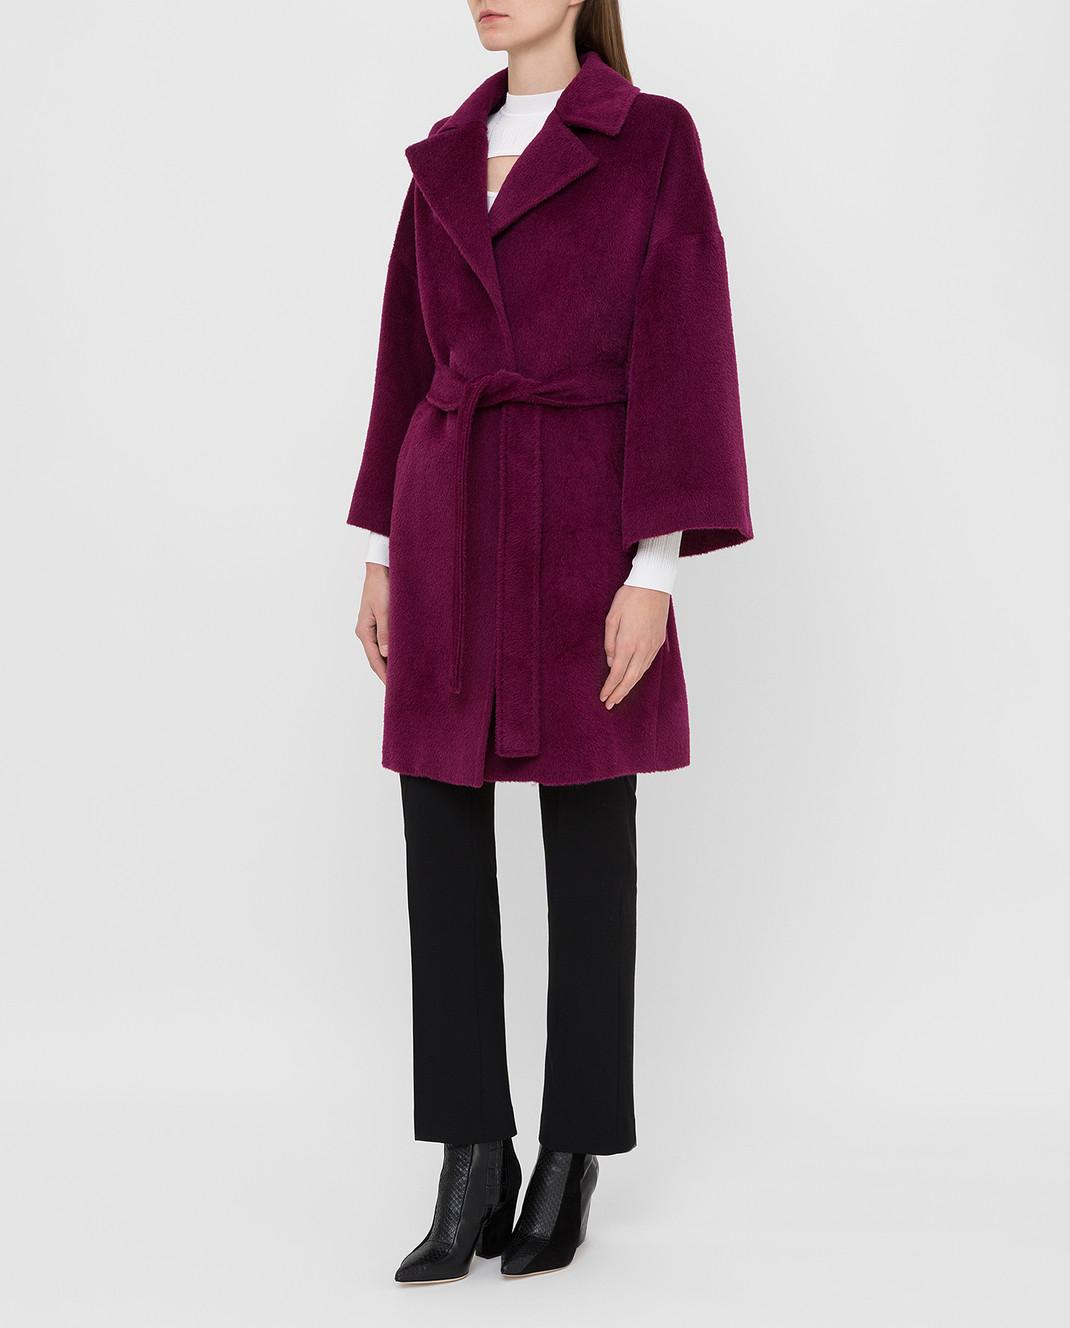 Heresis Светло-фиолетовое пальто из ламы и шерсти K8095 изображение 3